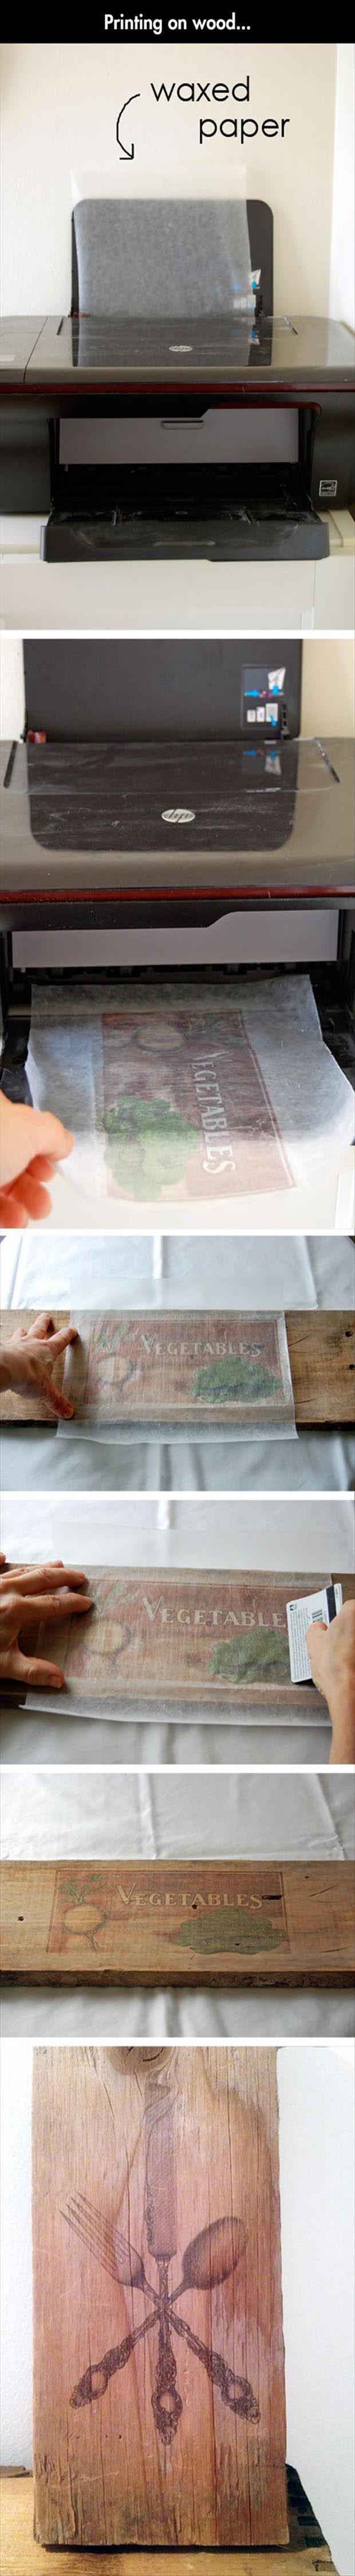 comment imprimer sur du bois astuces du quotidien pinterest bois. Black Bedroom Furniture Sets. Home Design Ideas